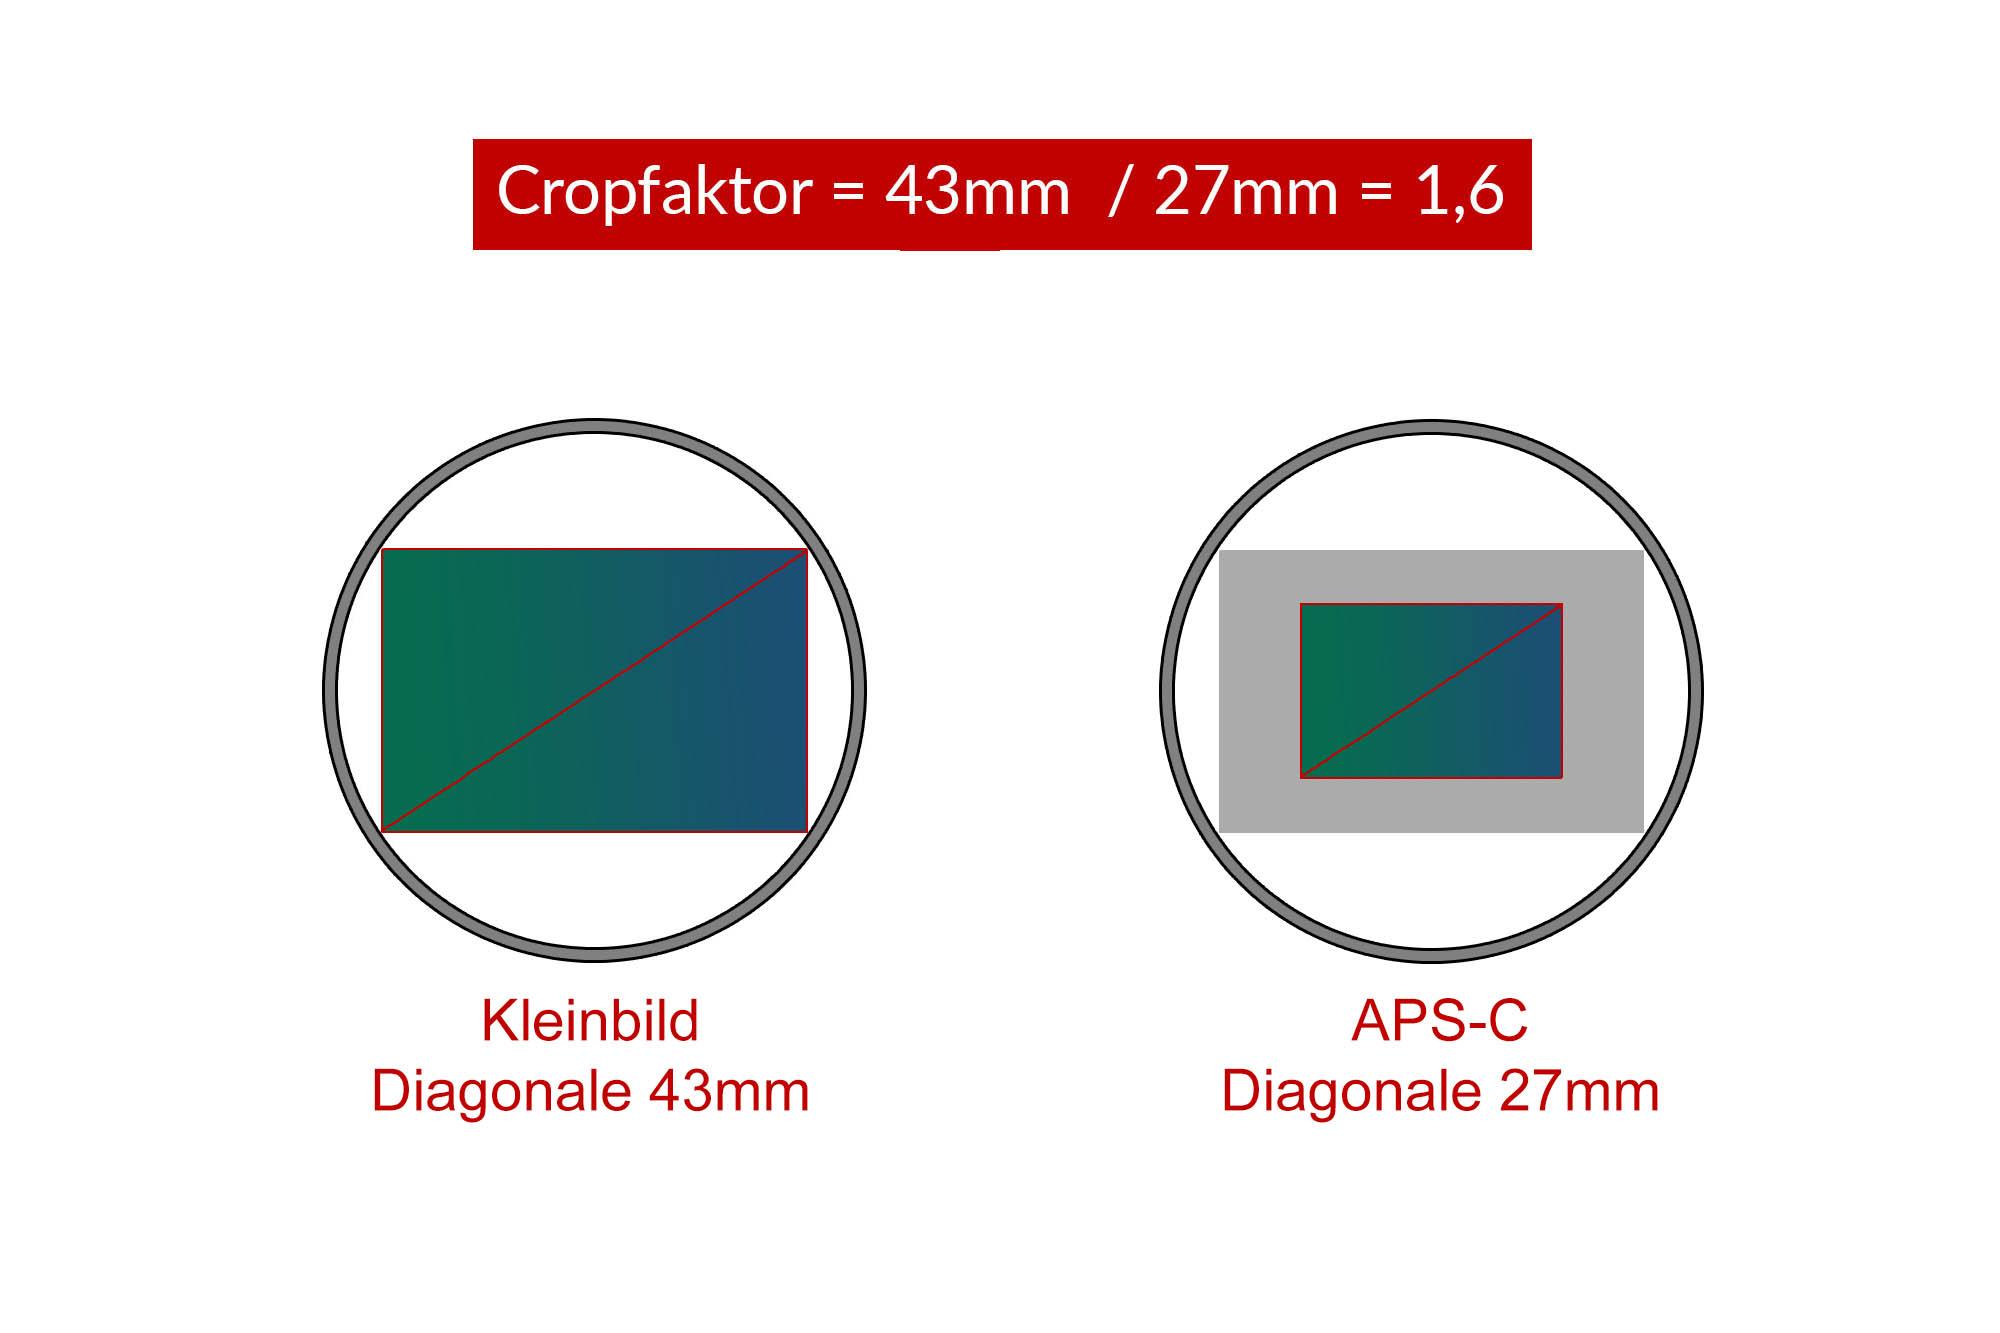 Cropfaktor = 43mm / 27mm =1,6